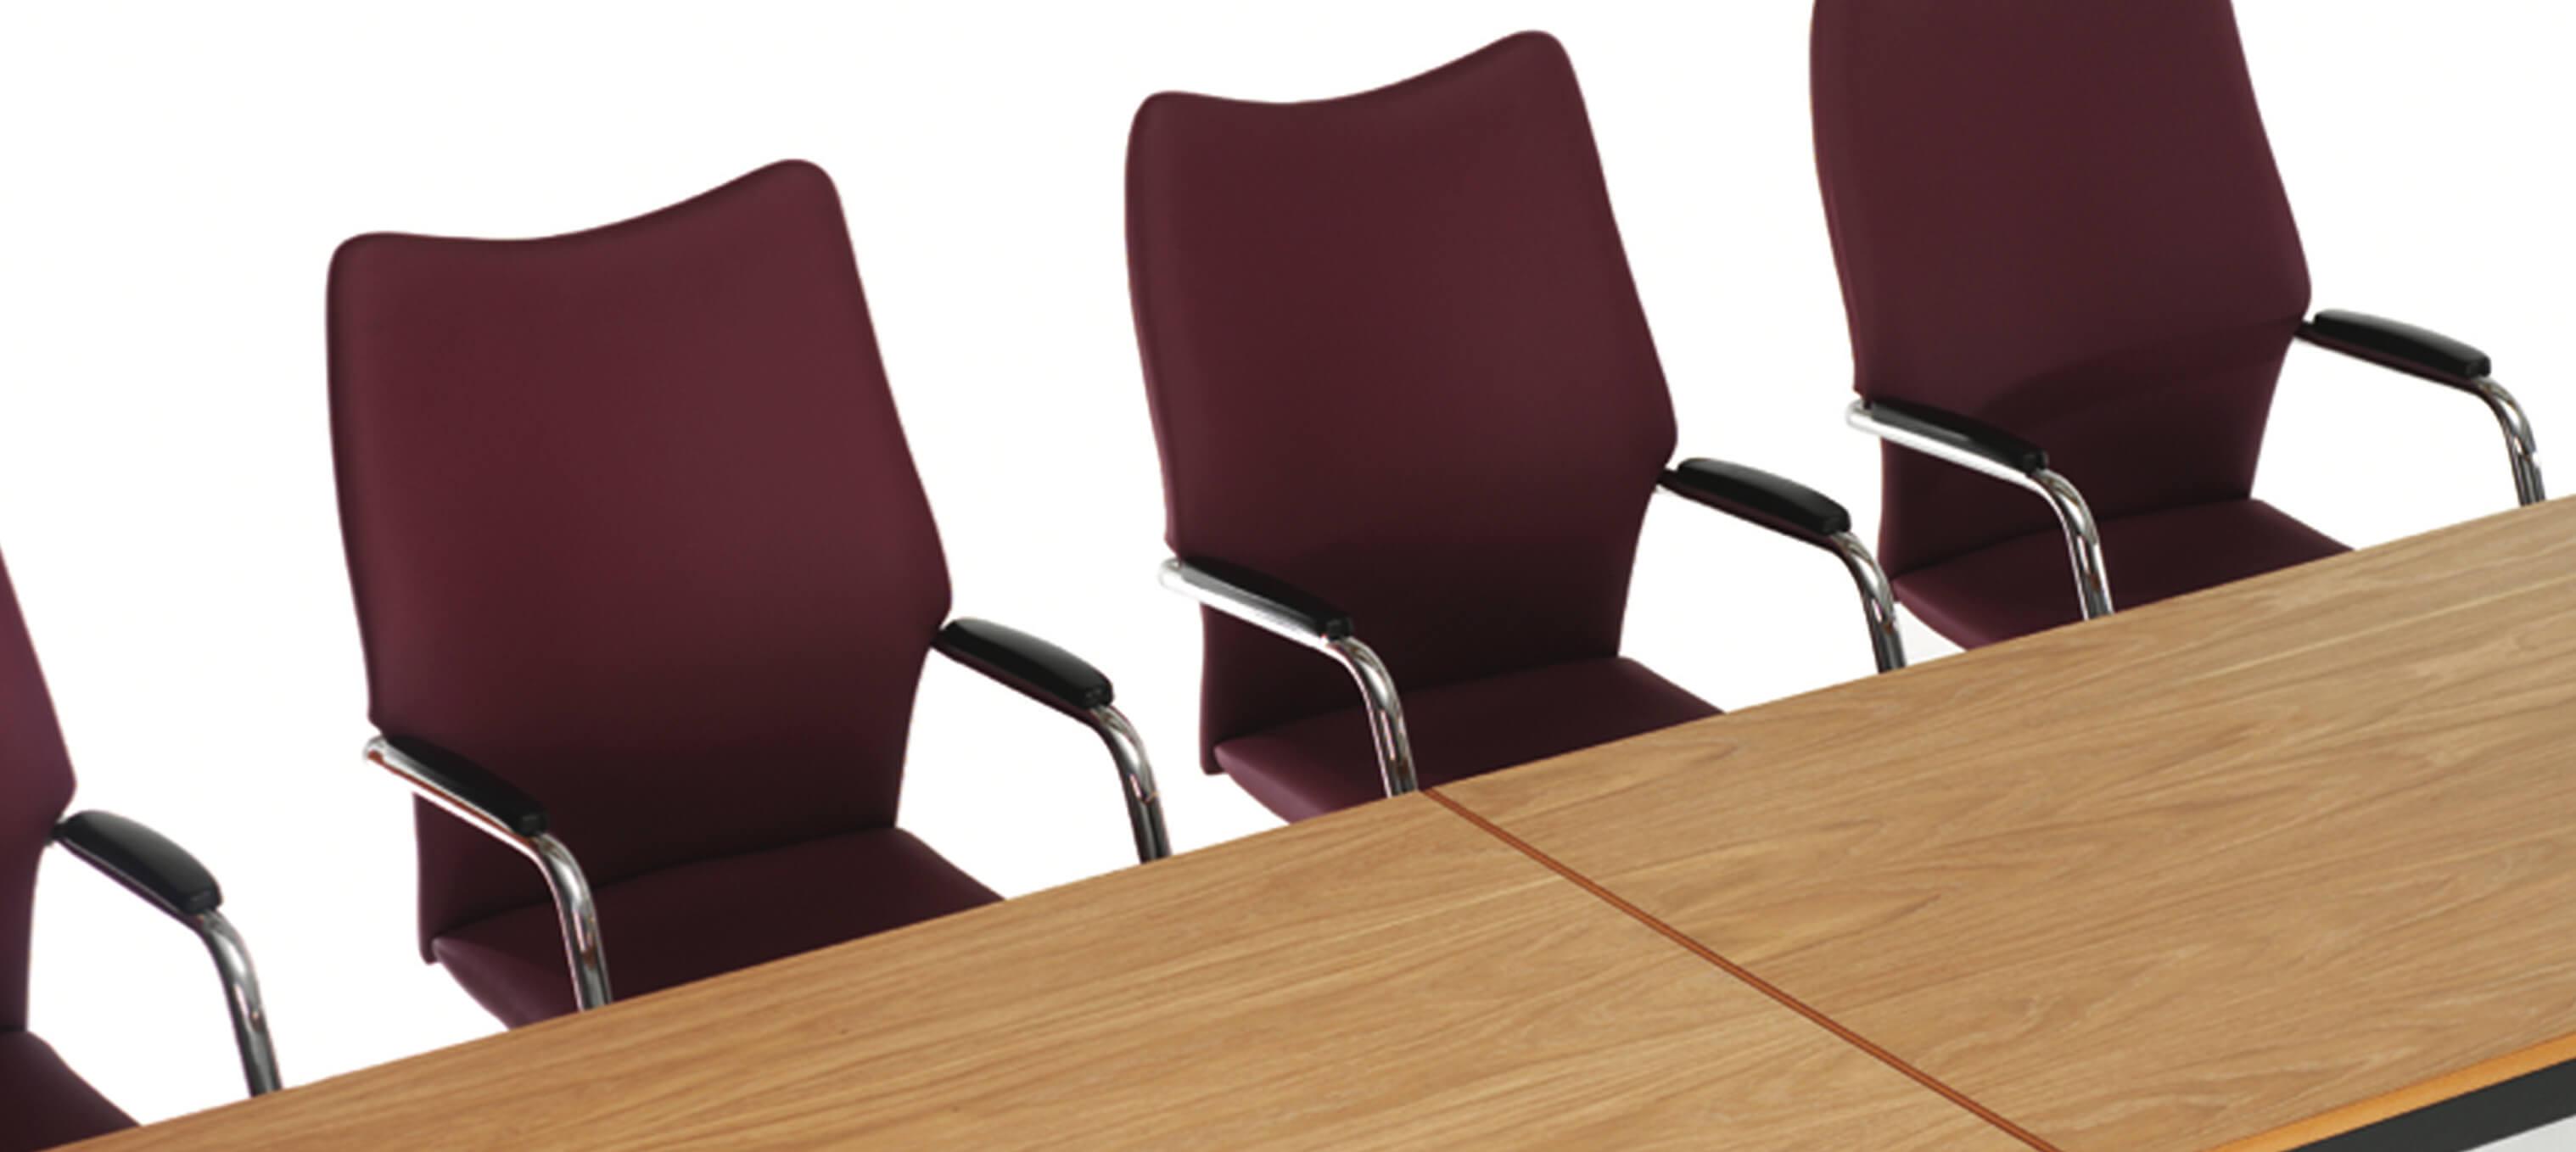 Forum Executive Meeting 3036x1358 2